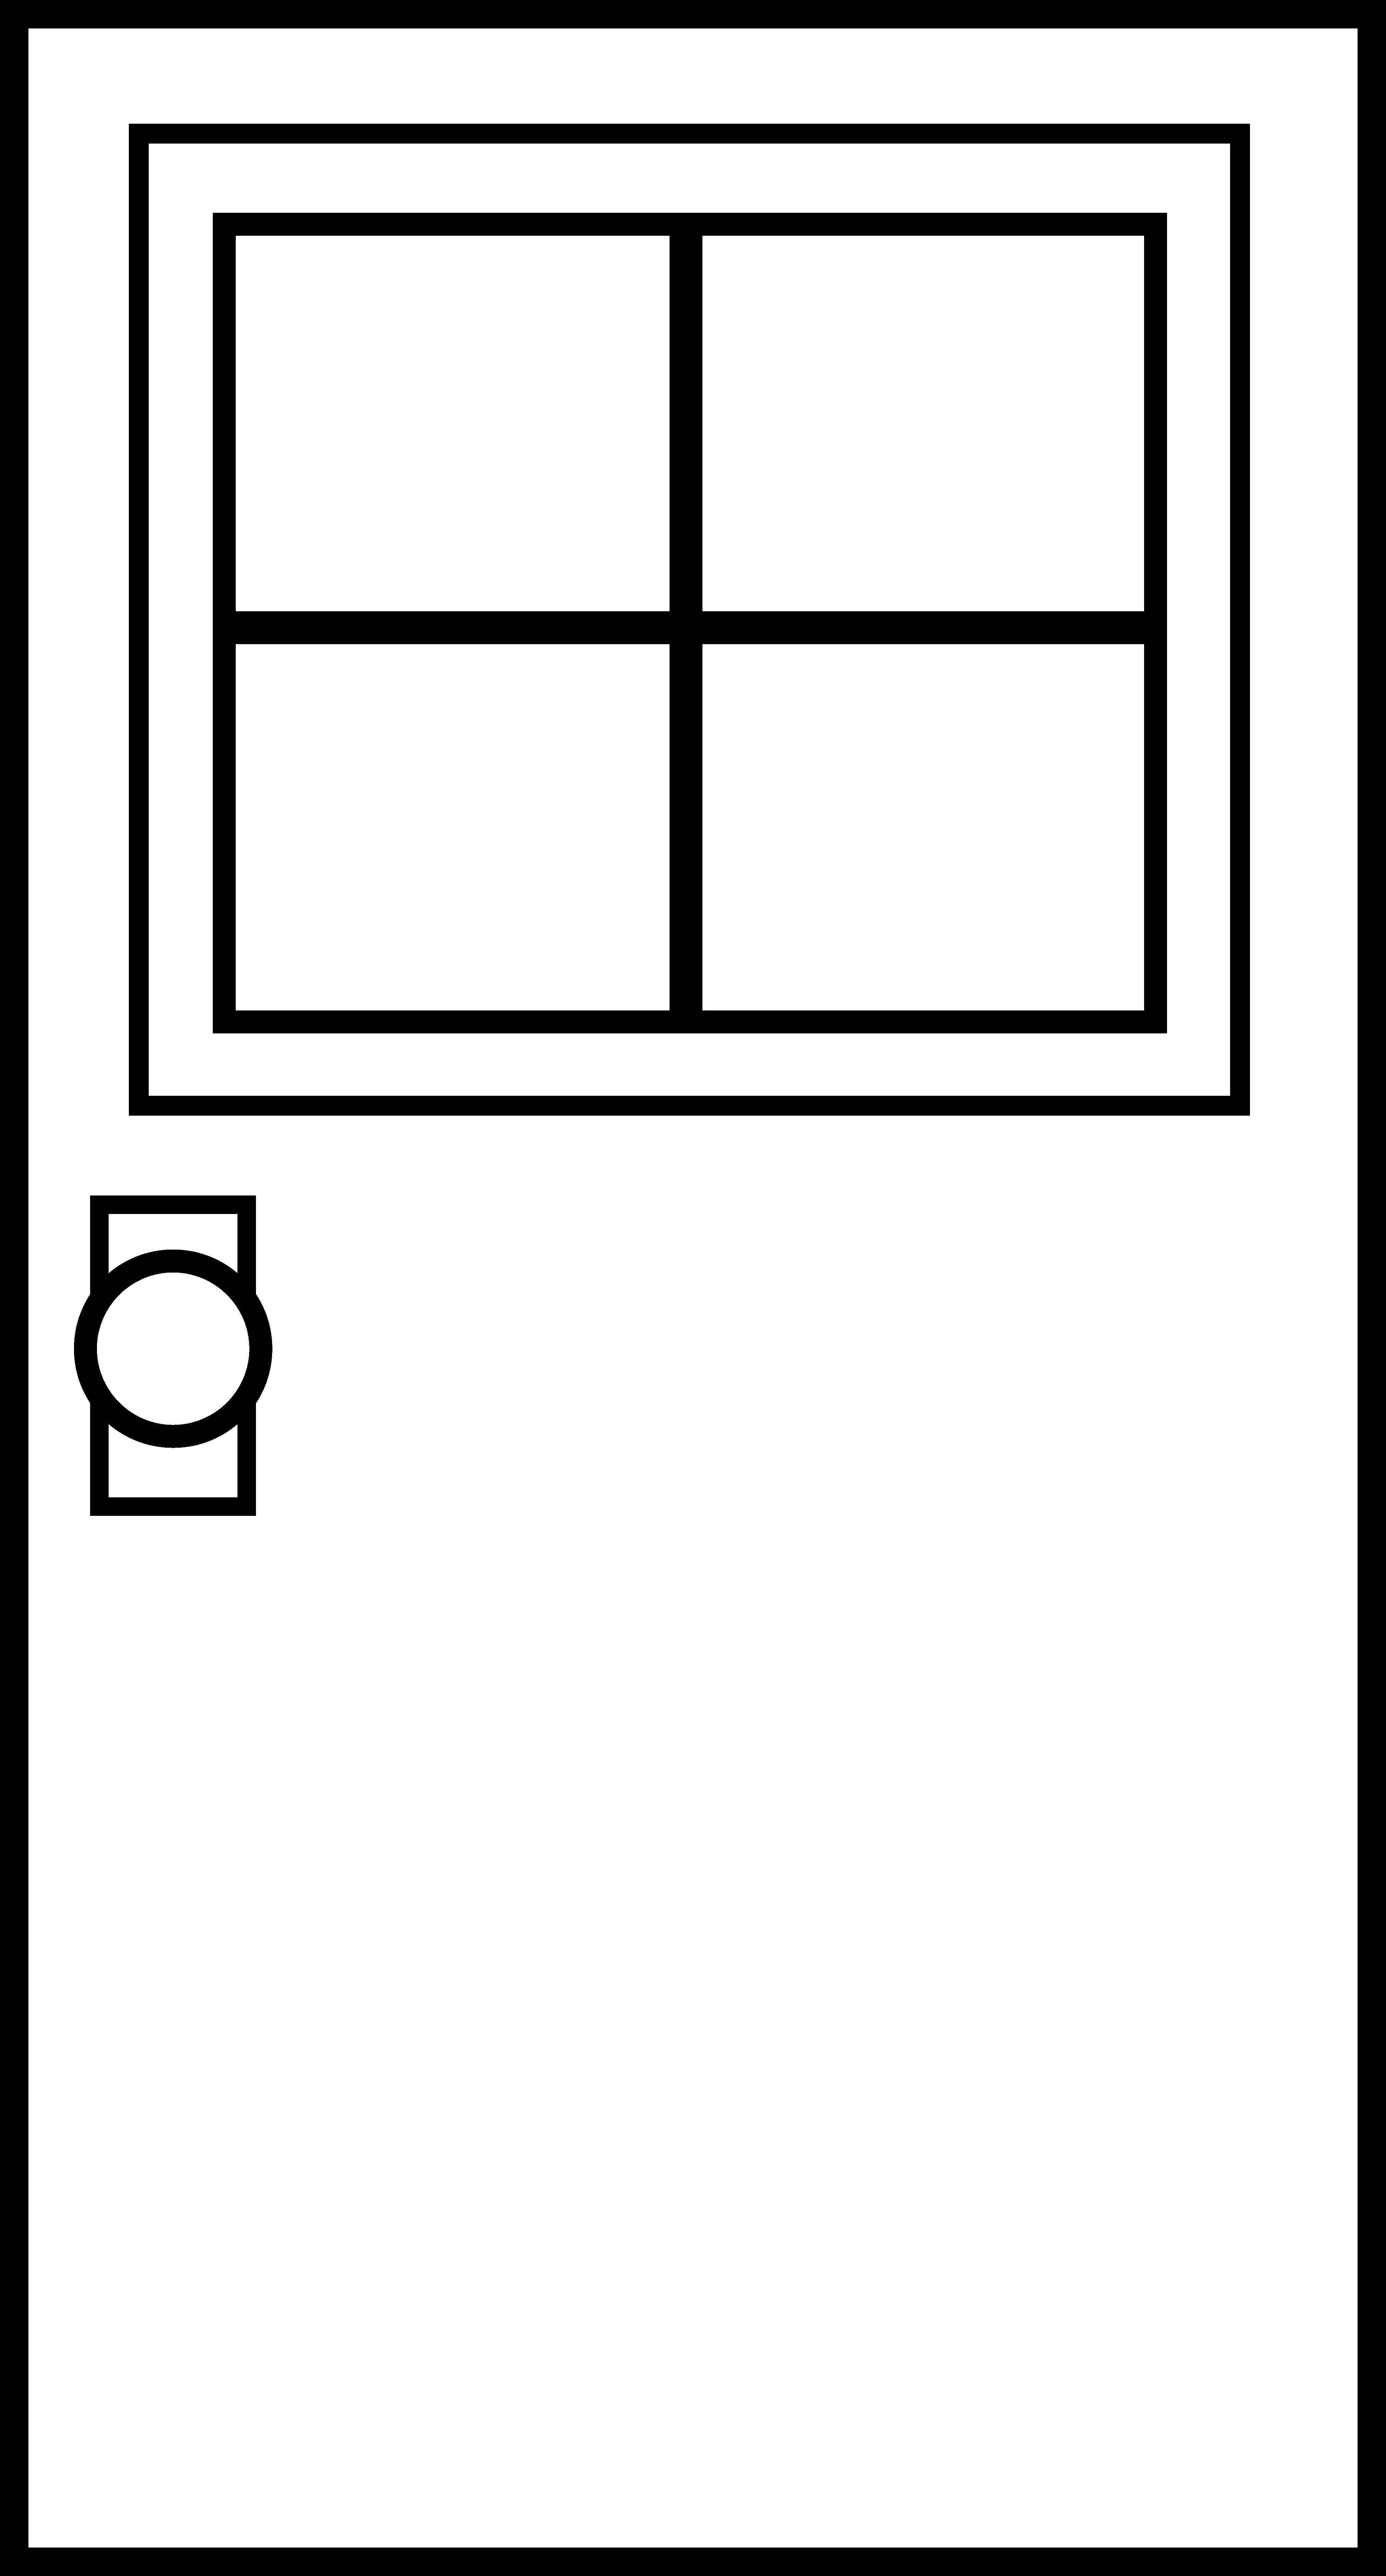 Window Open Window Close - ClipArt Best